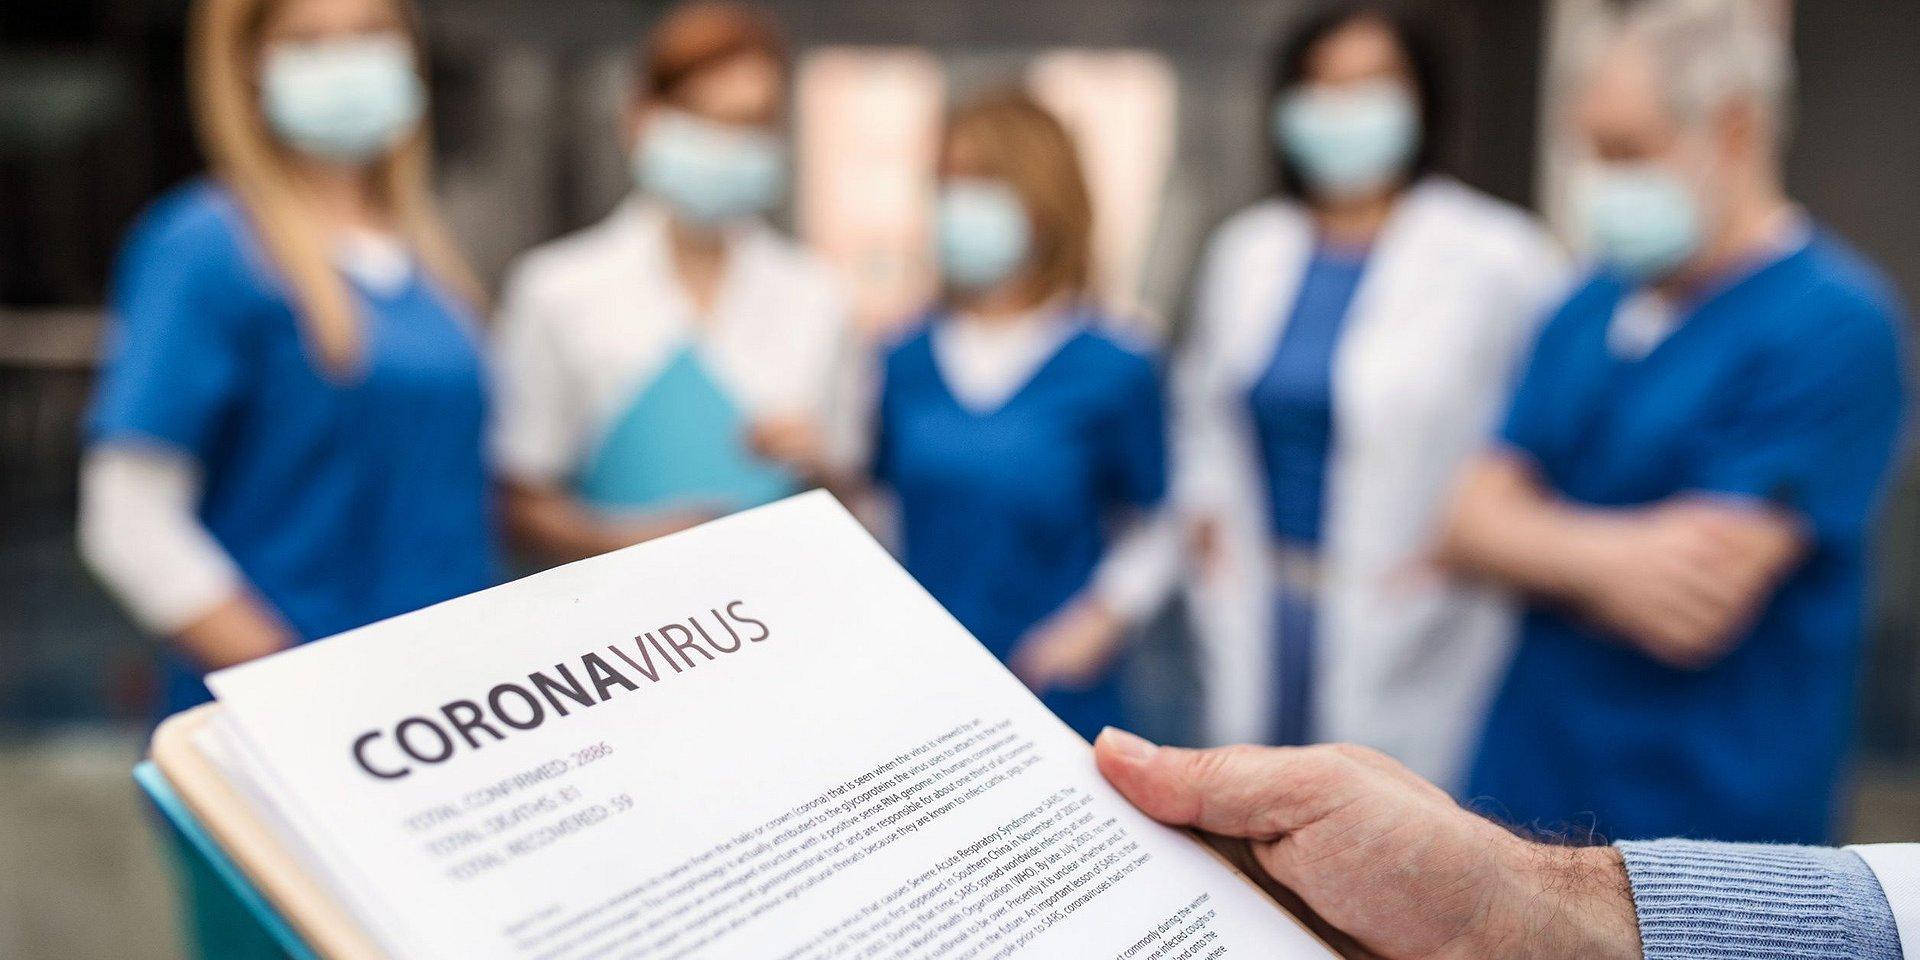 Są już wytyczne dla farmaceutów w sprawie koronawirusa